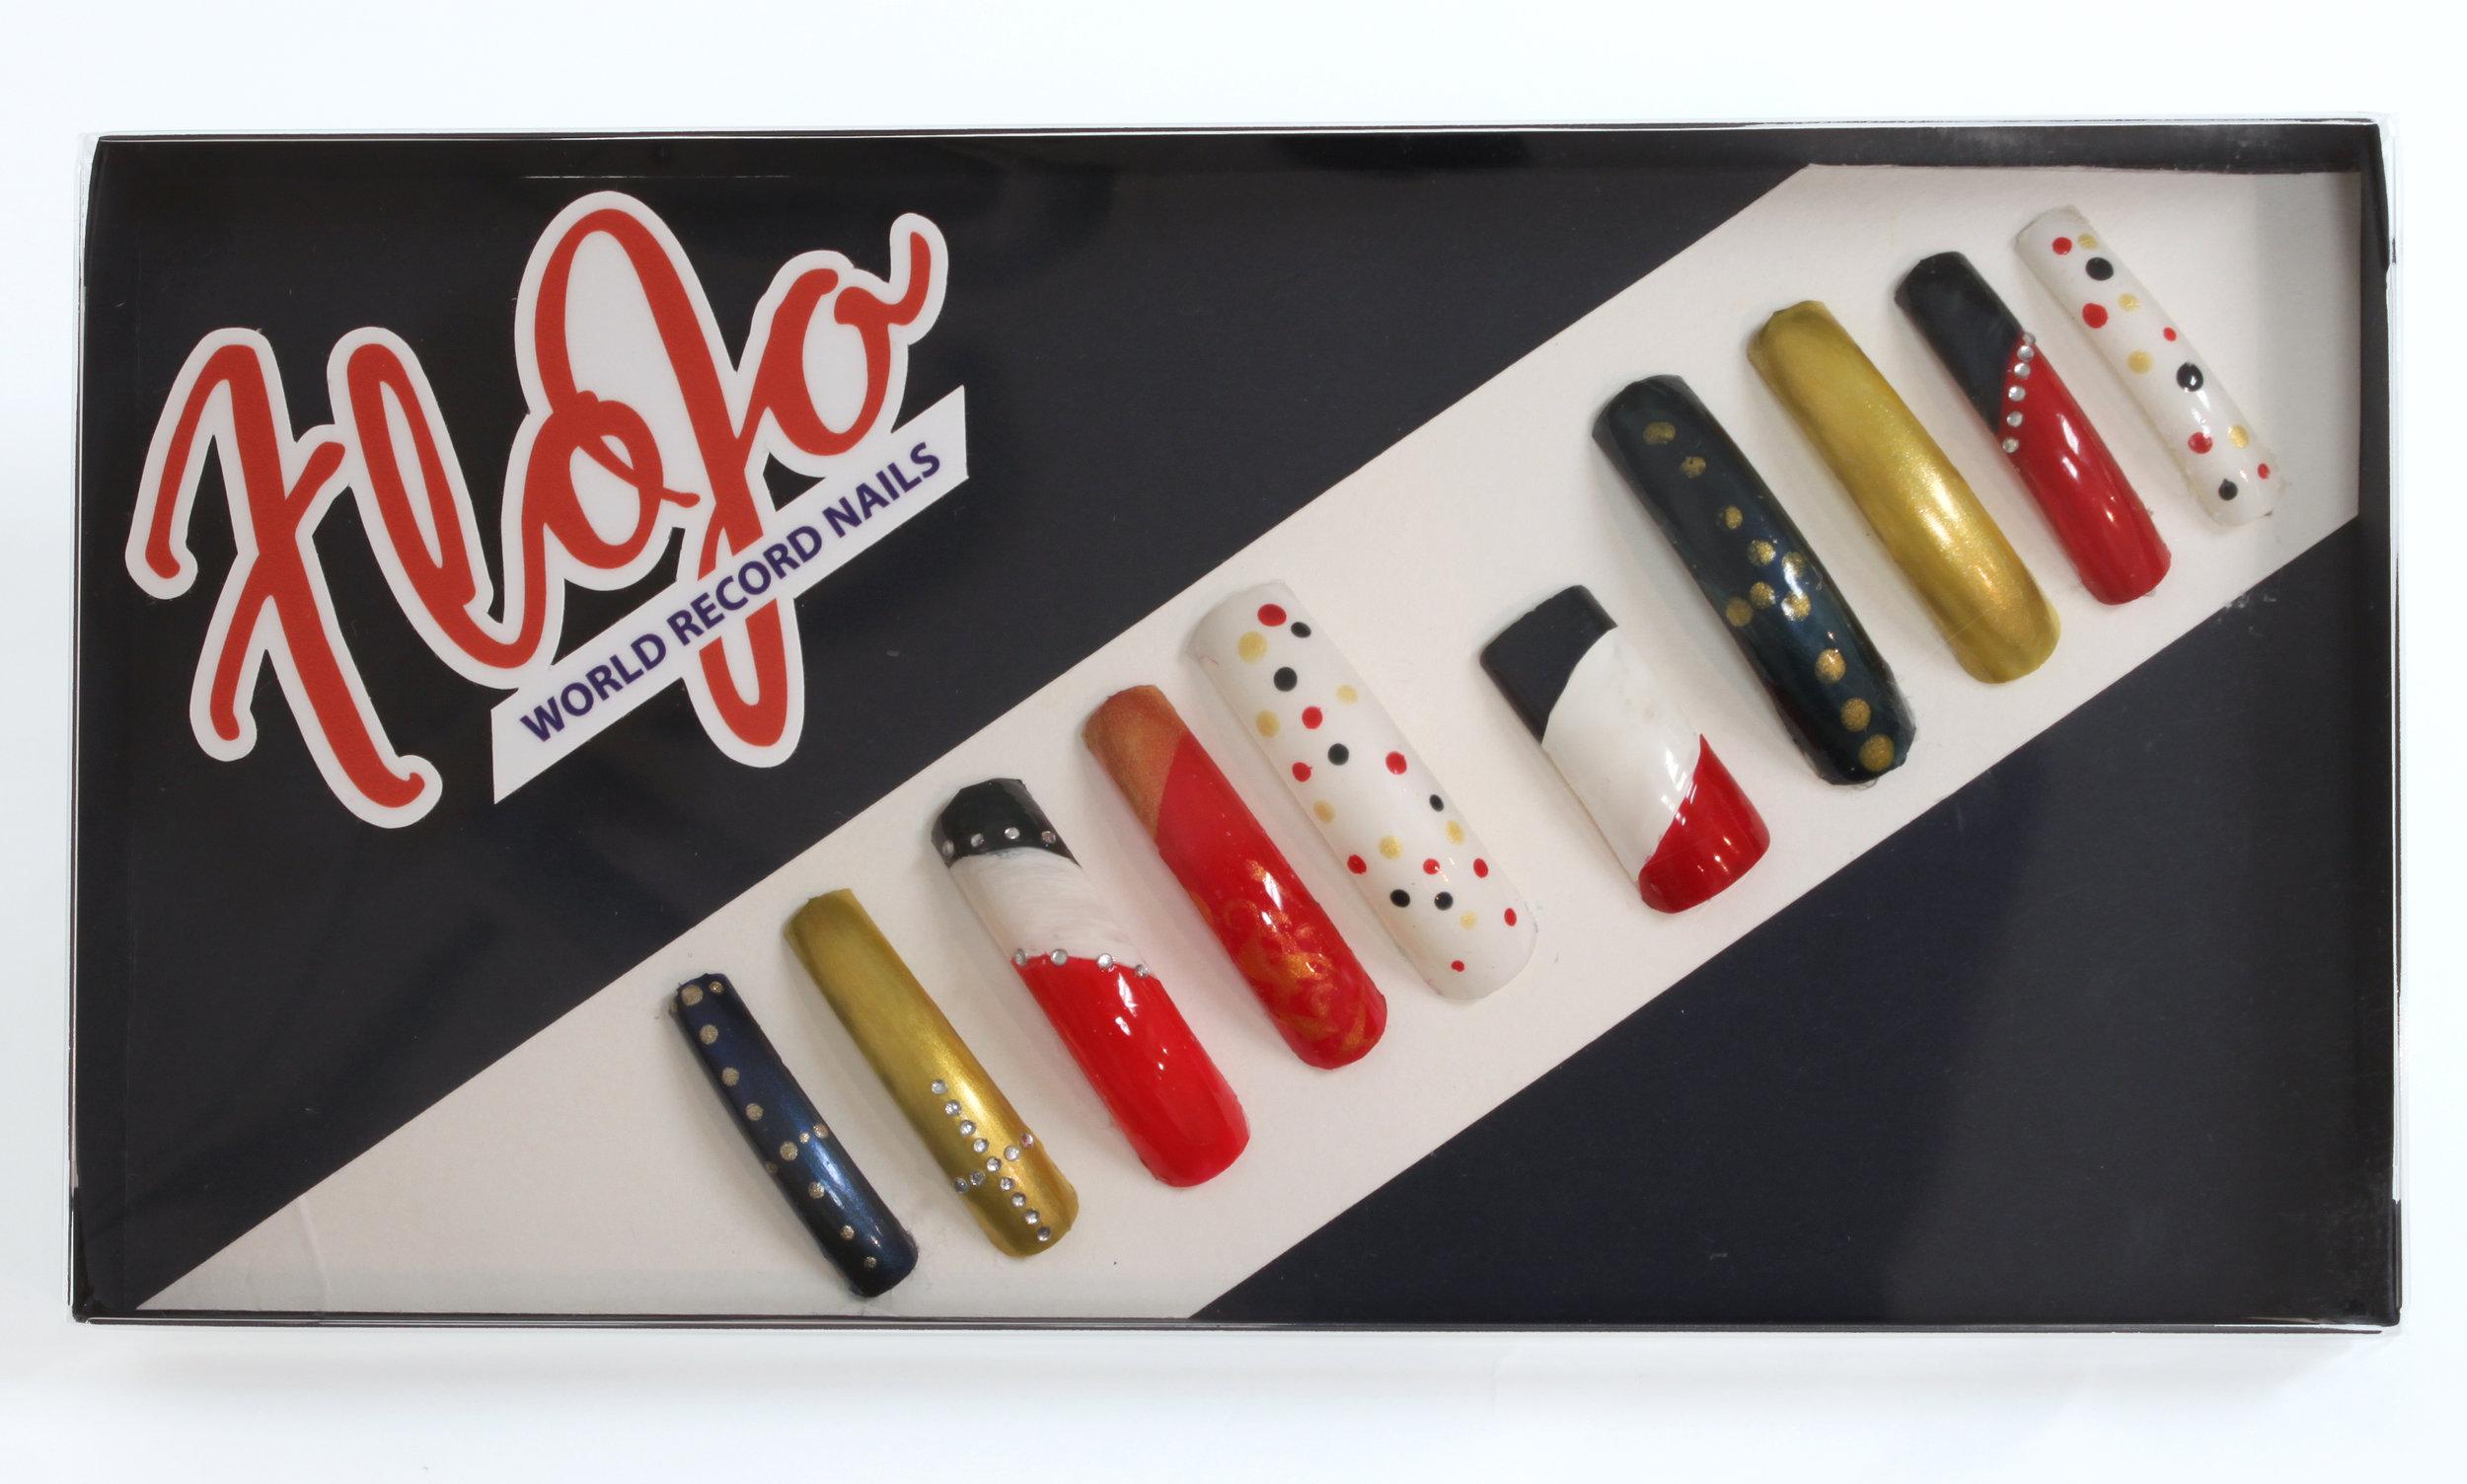 Flo Jo Boxed Set fullsize.jpg